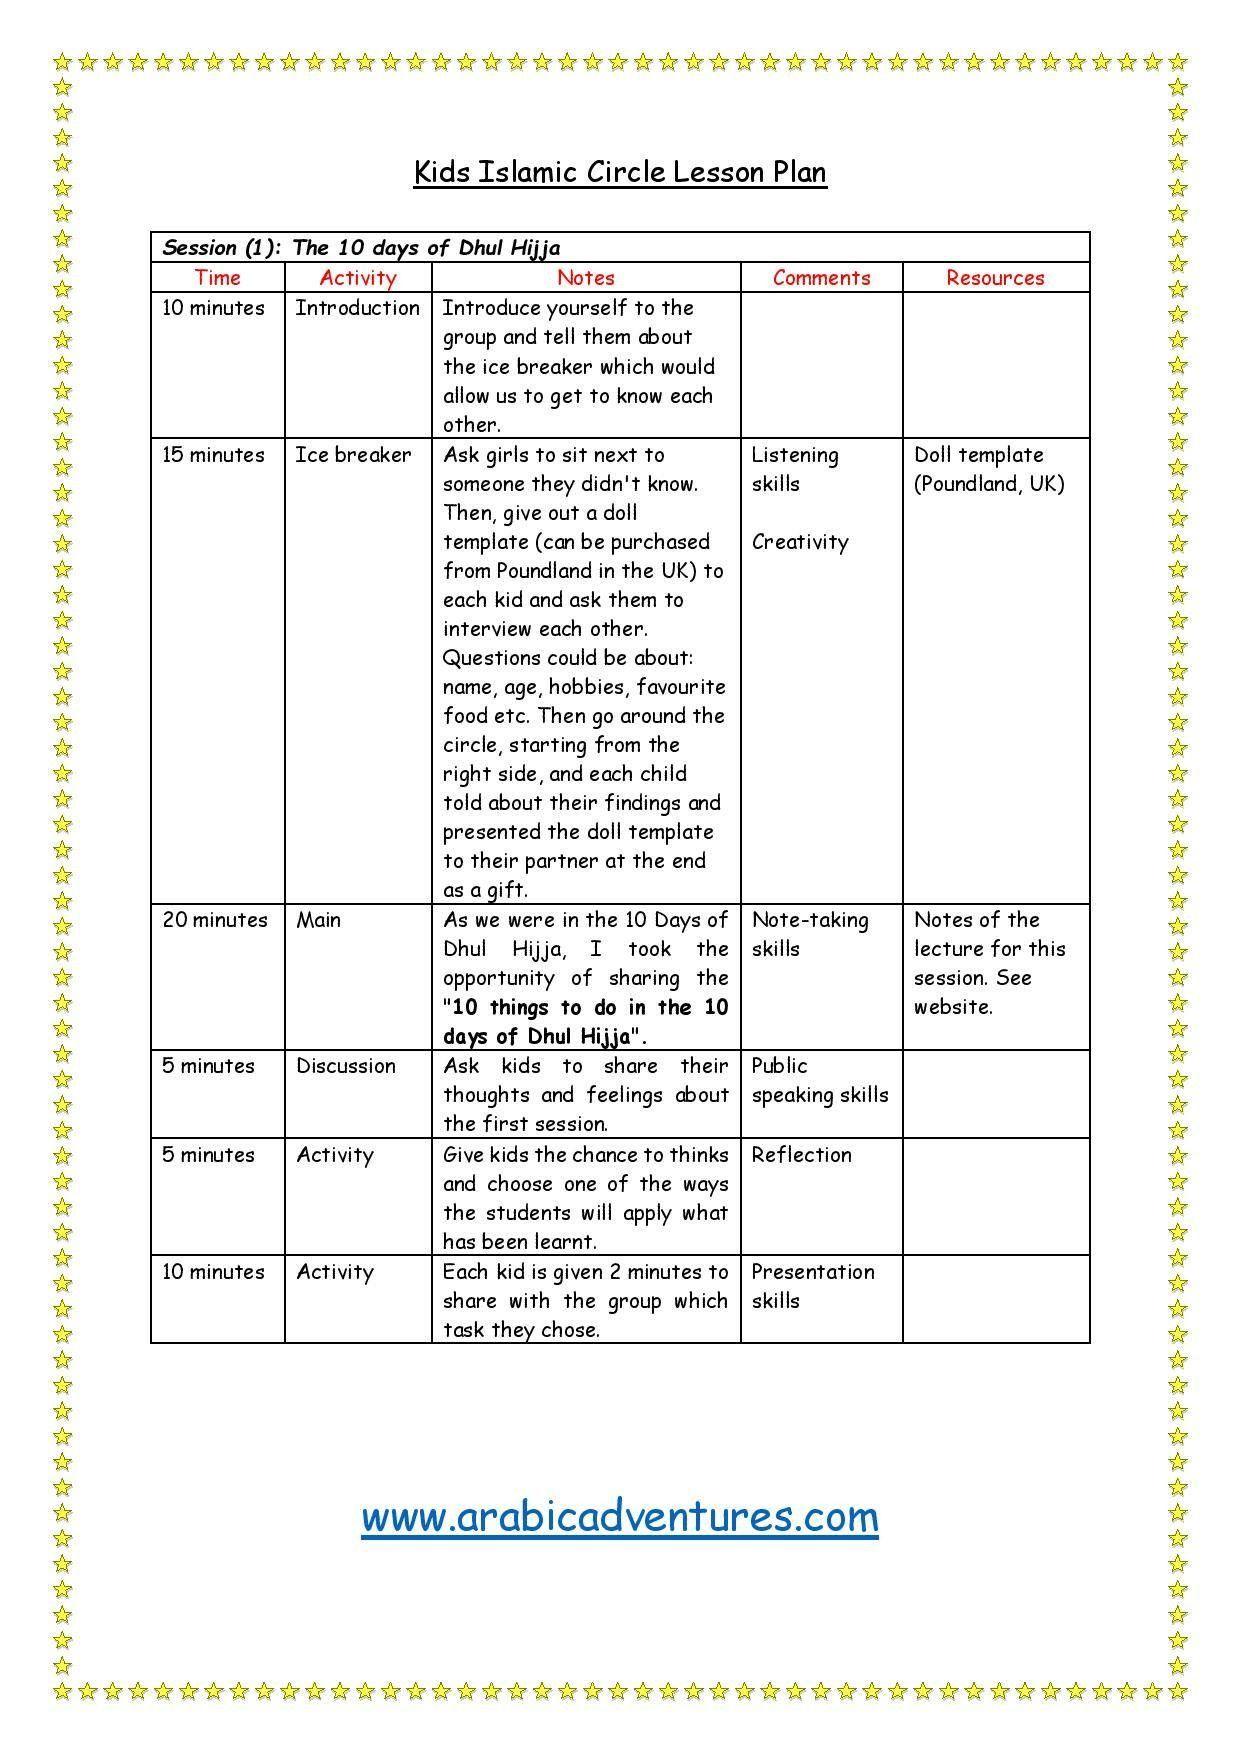 Kids Halaqa Lesson Plan Free Download At